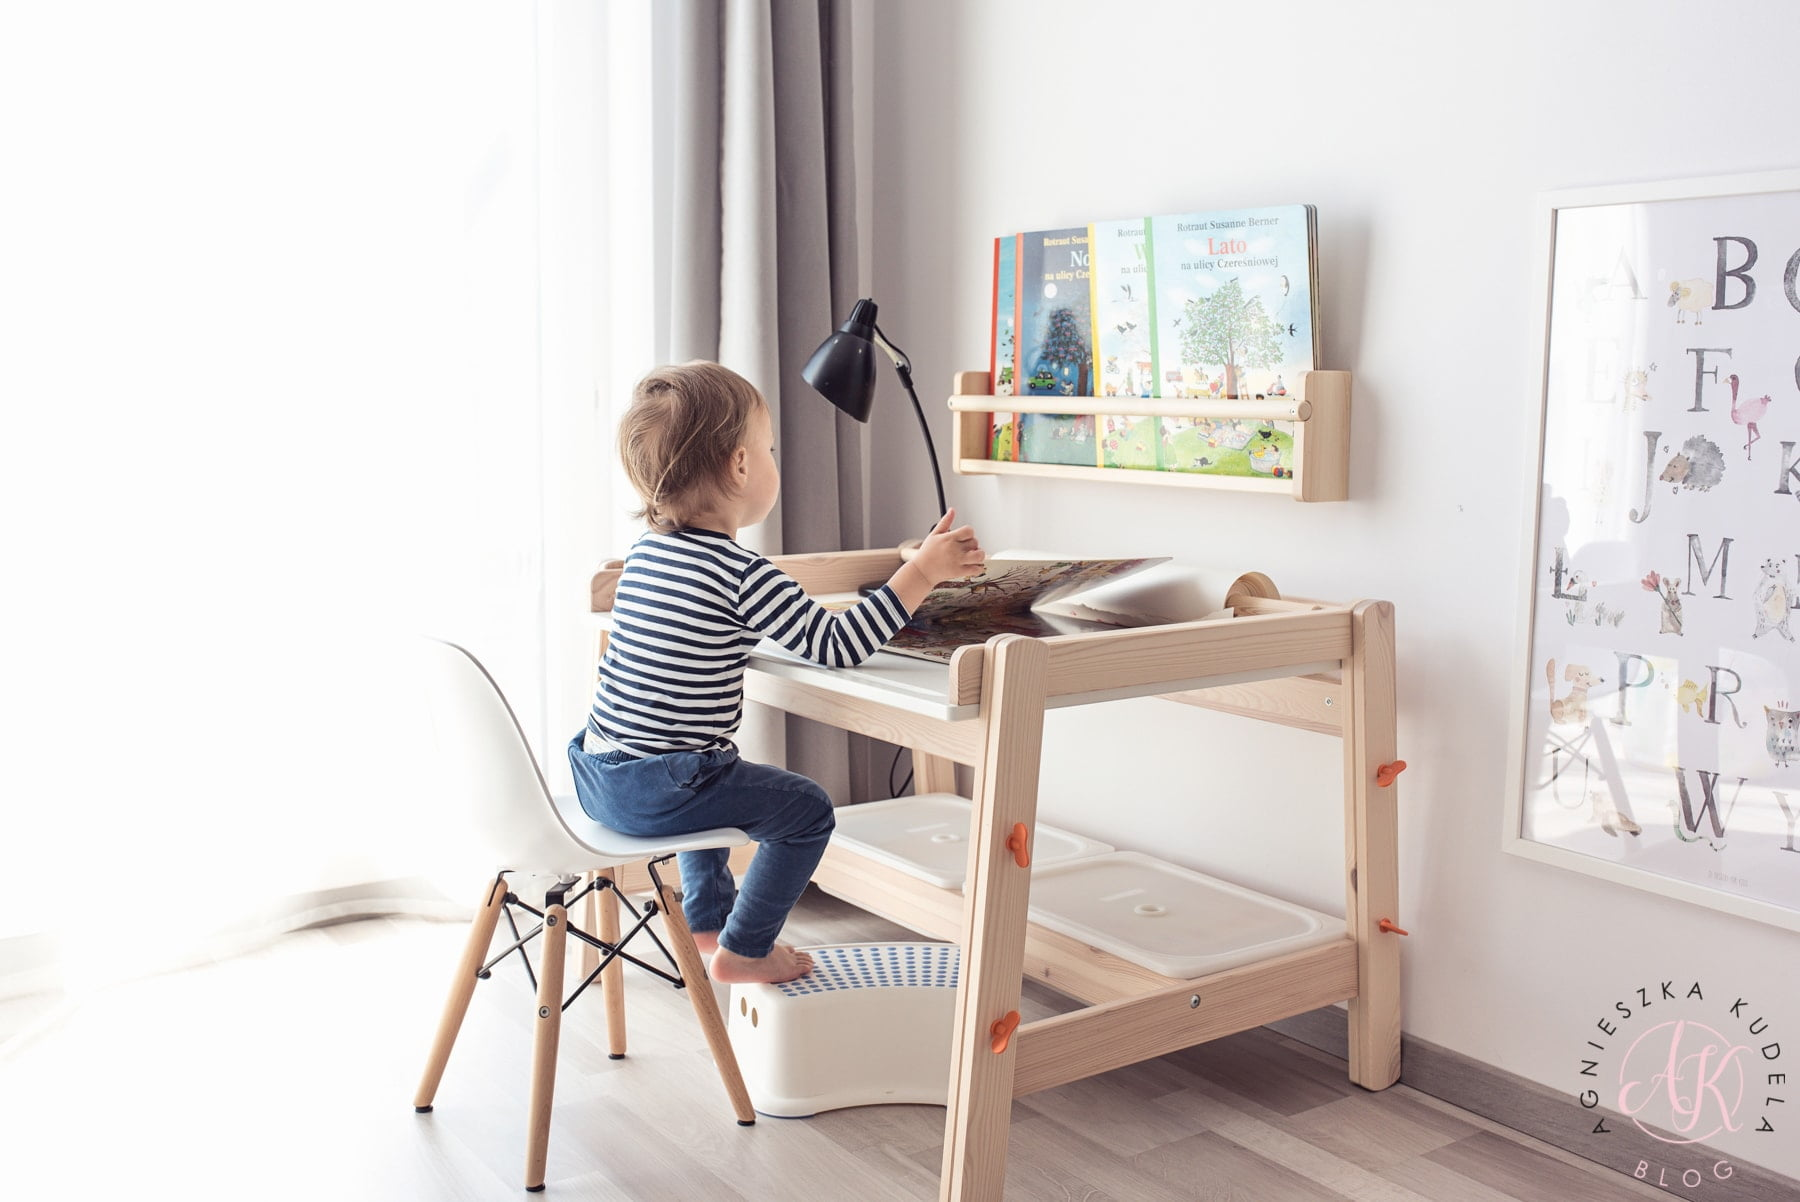 biurko dla dziecka pokój dziecięcy